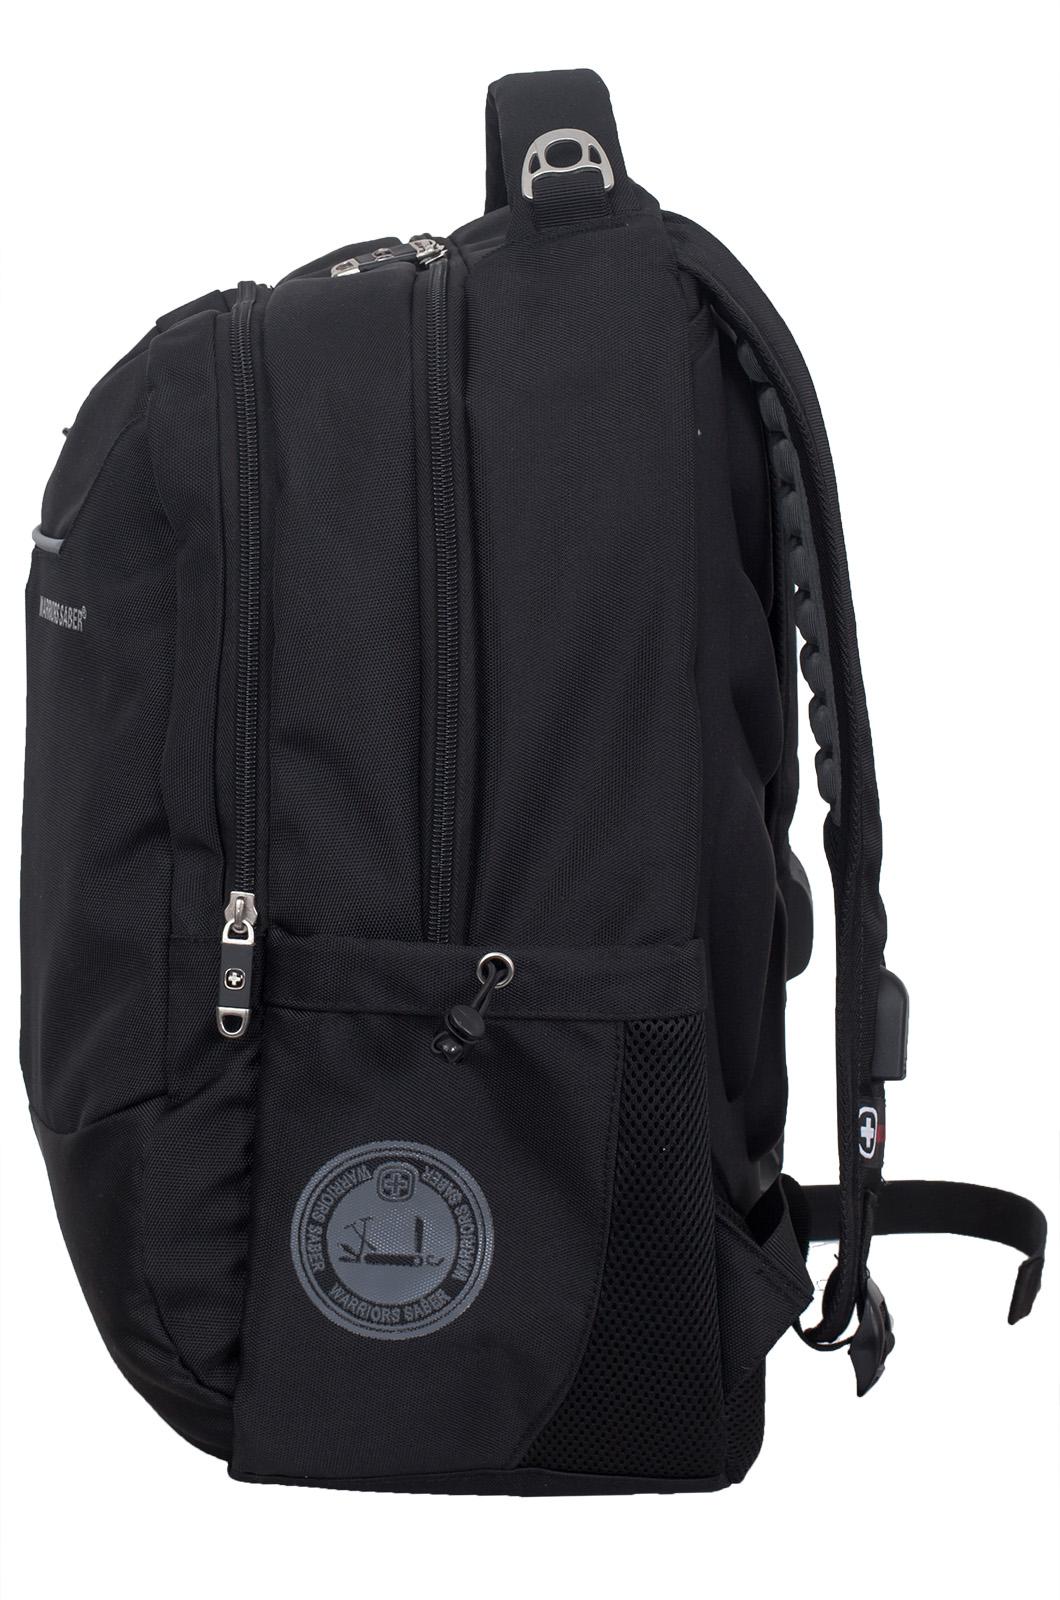 Стильный черный рюкзак ПОГРАНВОЙСКА - заказать в подарок